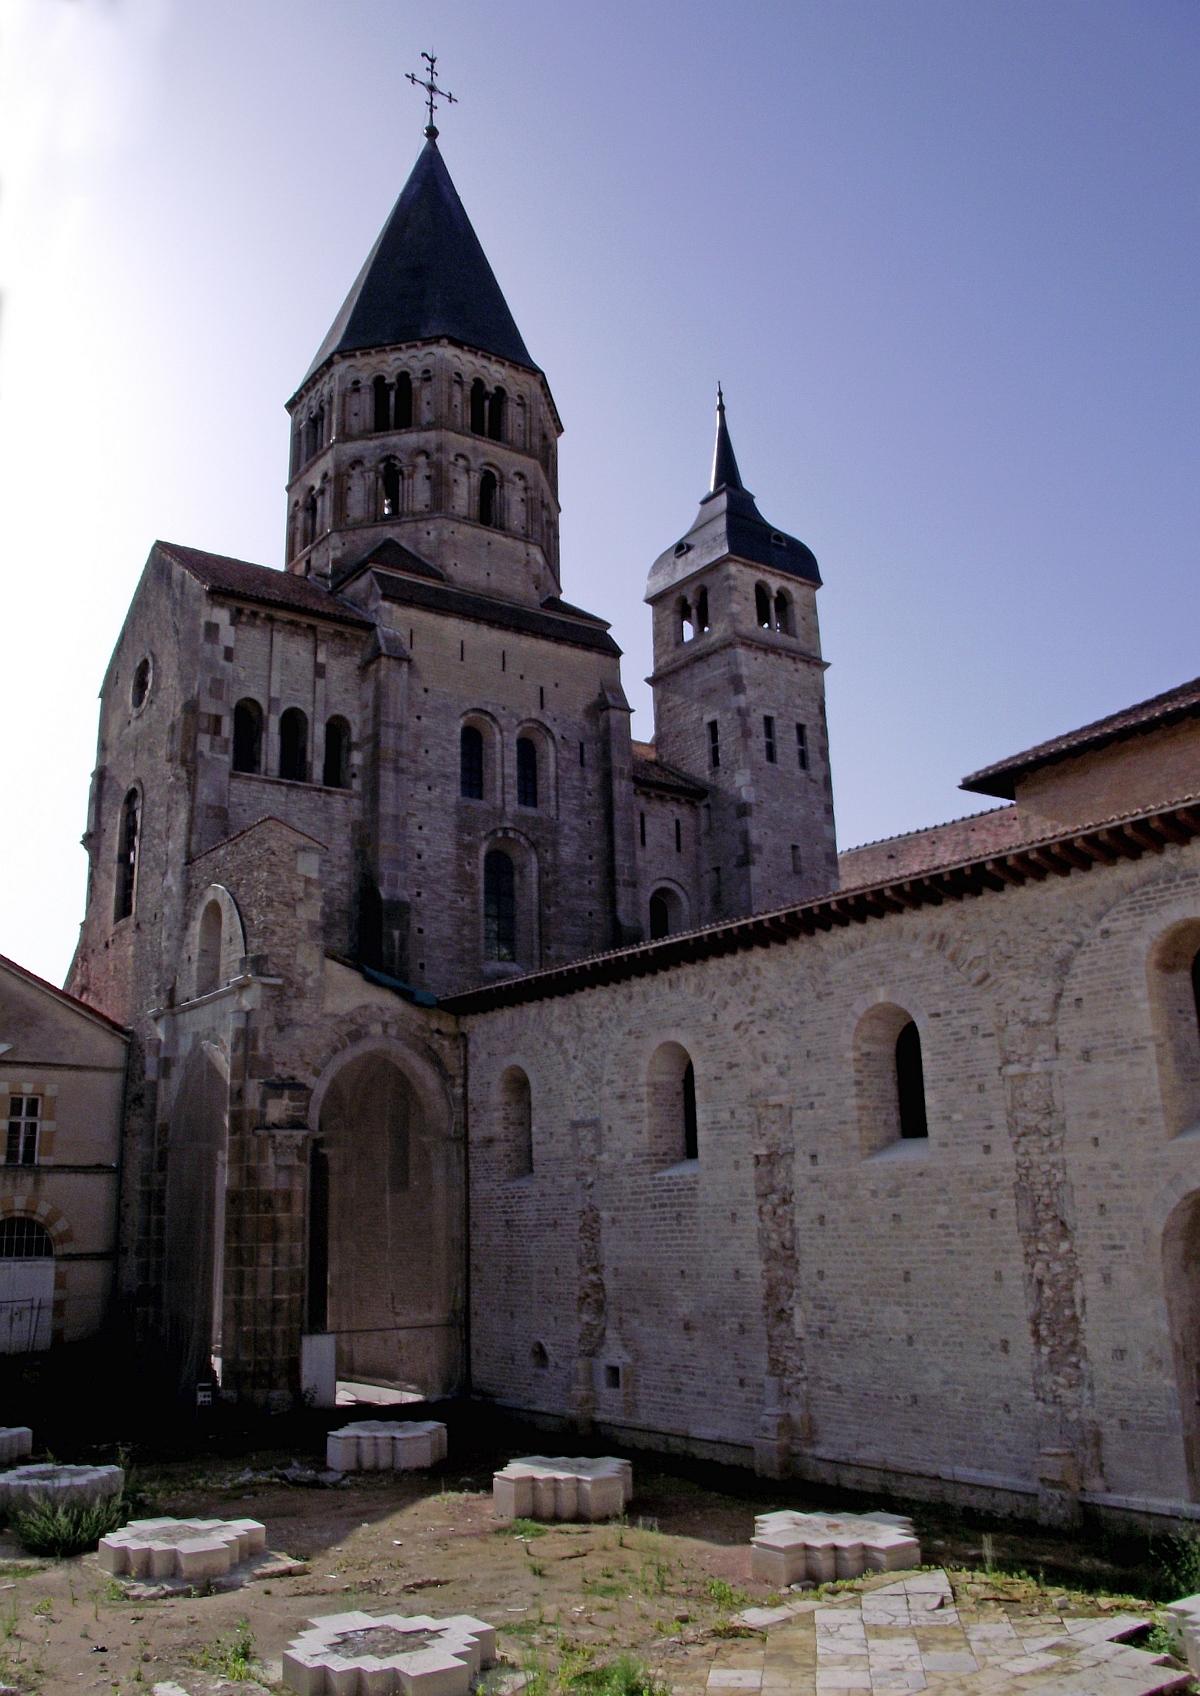 abbaye-de-cluny-3.jpg